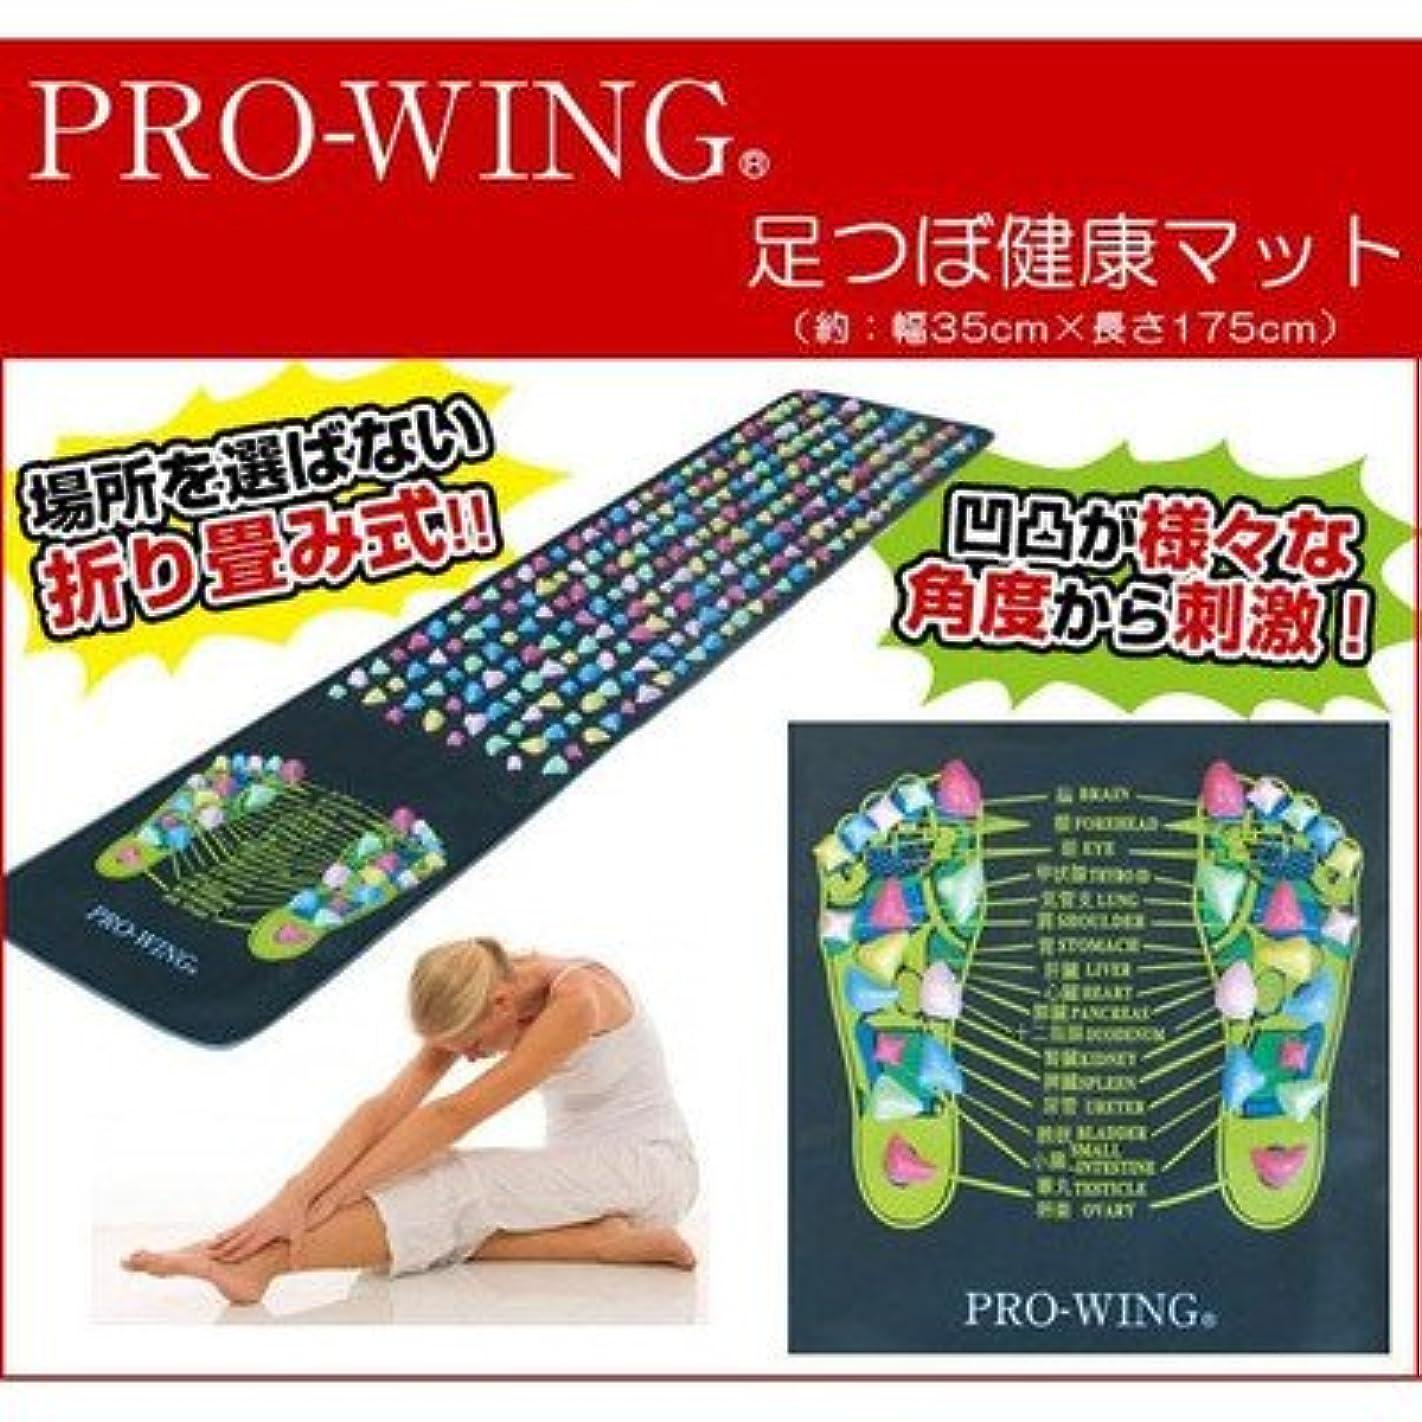 どきどき発表する腐ったカラフルで可愛らしい凹凸が様々な角度から刺激 PRO-WING プロウィング 足つぼ健康マット PWF-1001